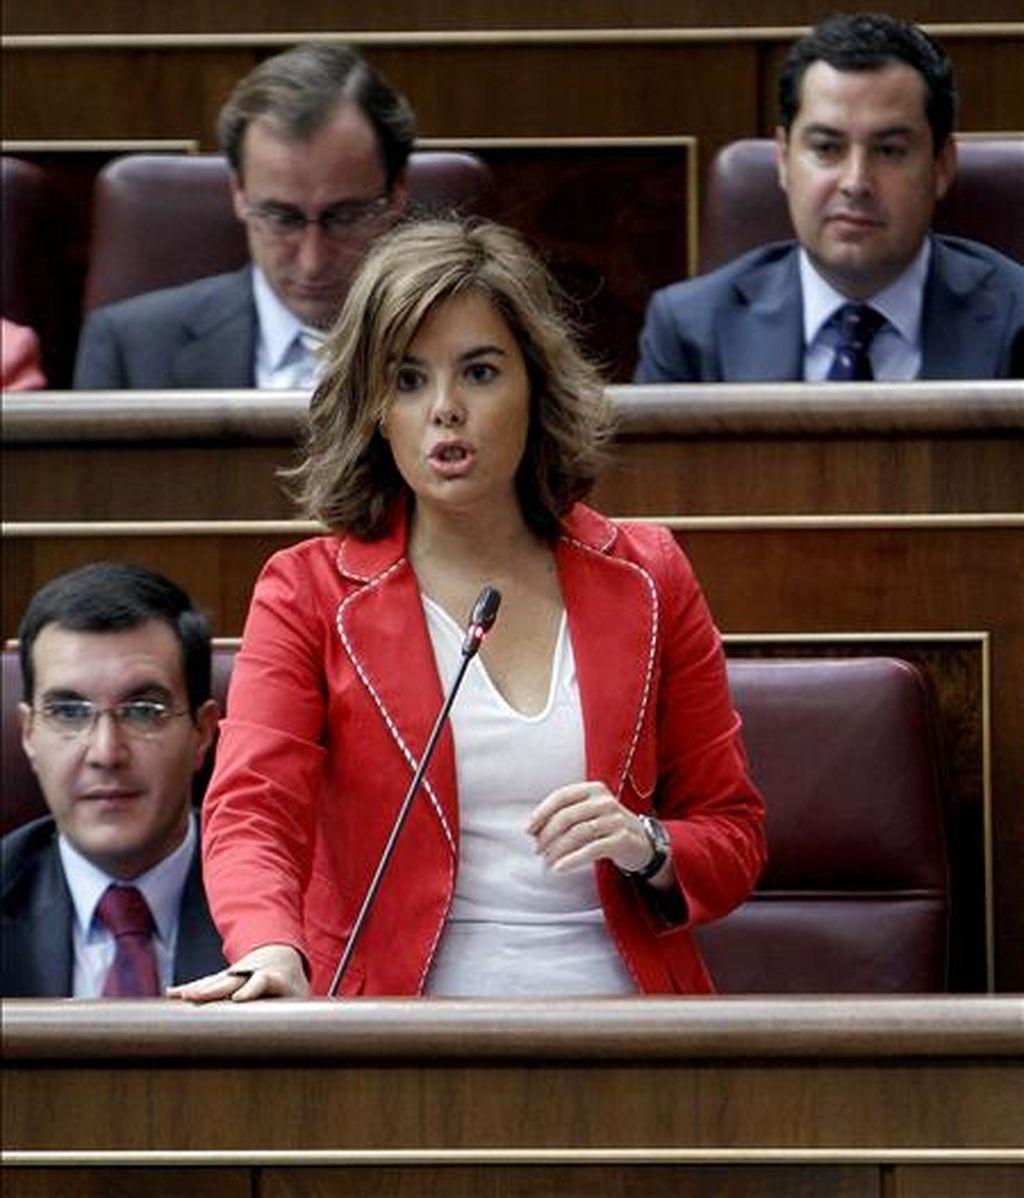 La portavoz parlamentaria del PP, Soraya Sáenz de Santamaría, durante una de sus intervenciones en un pleno celebrado en el Congreso de los Diputados. EFE/Archivo